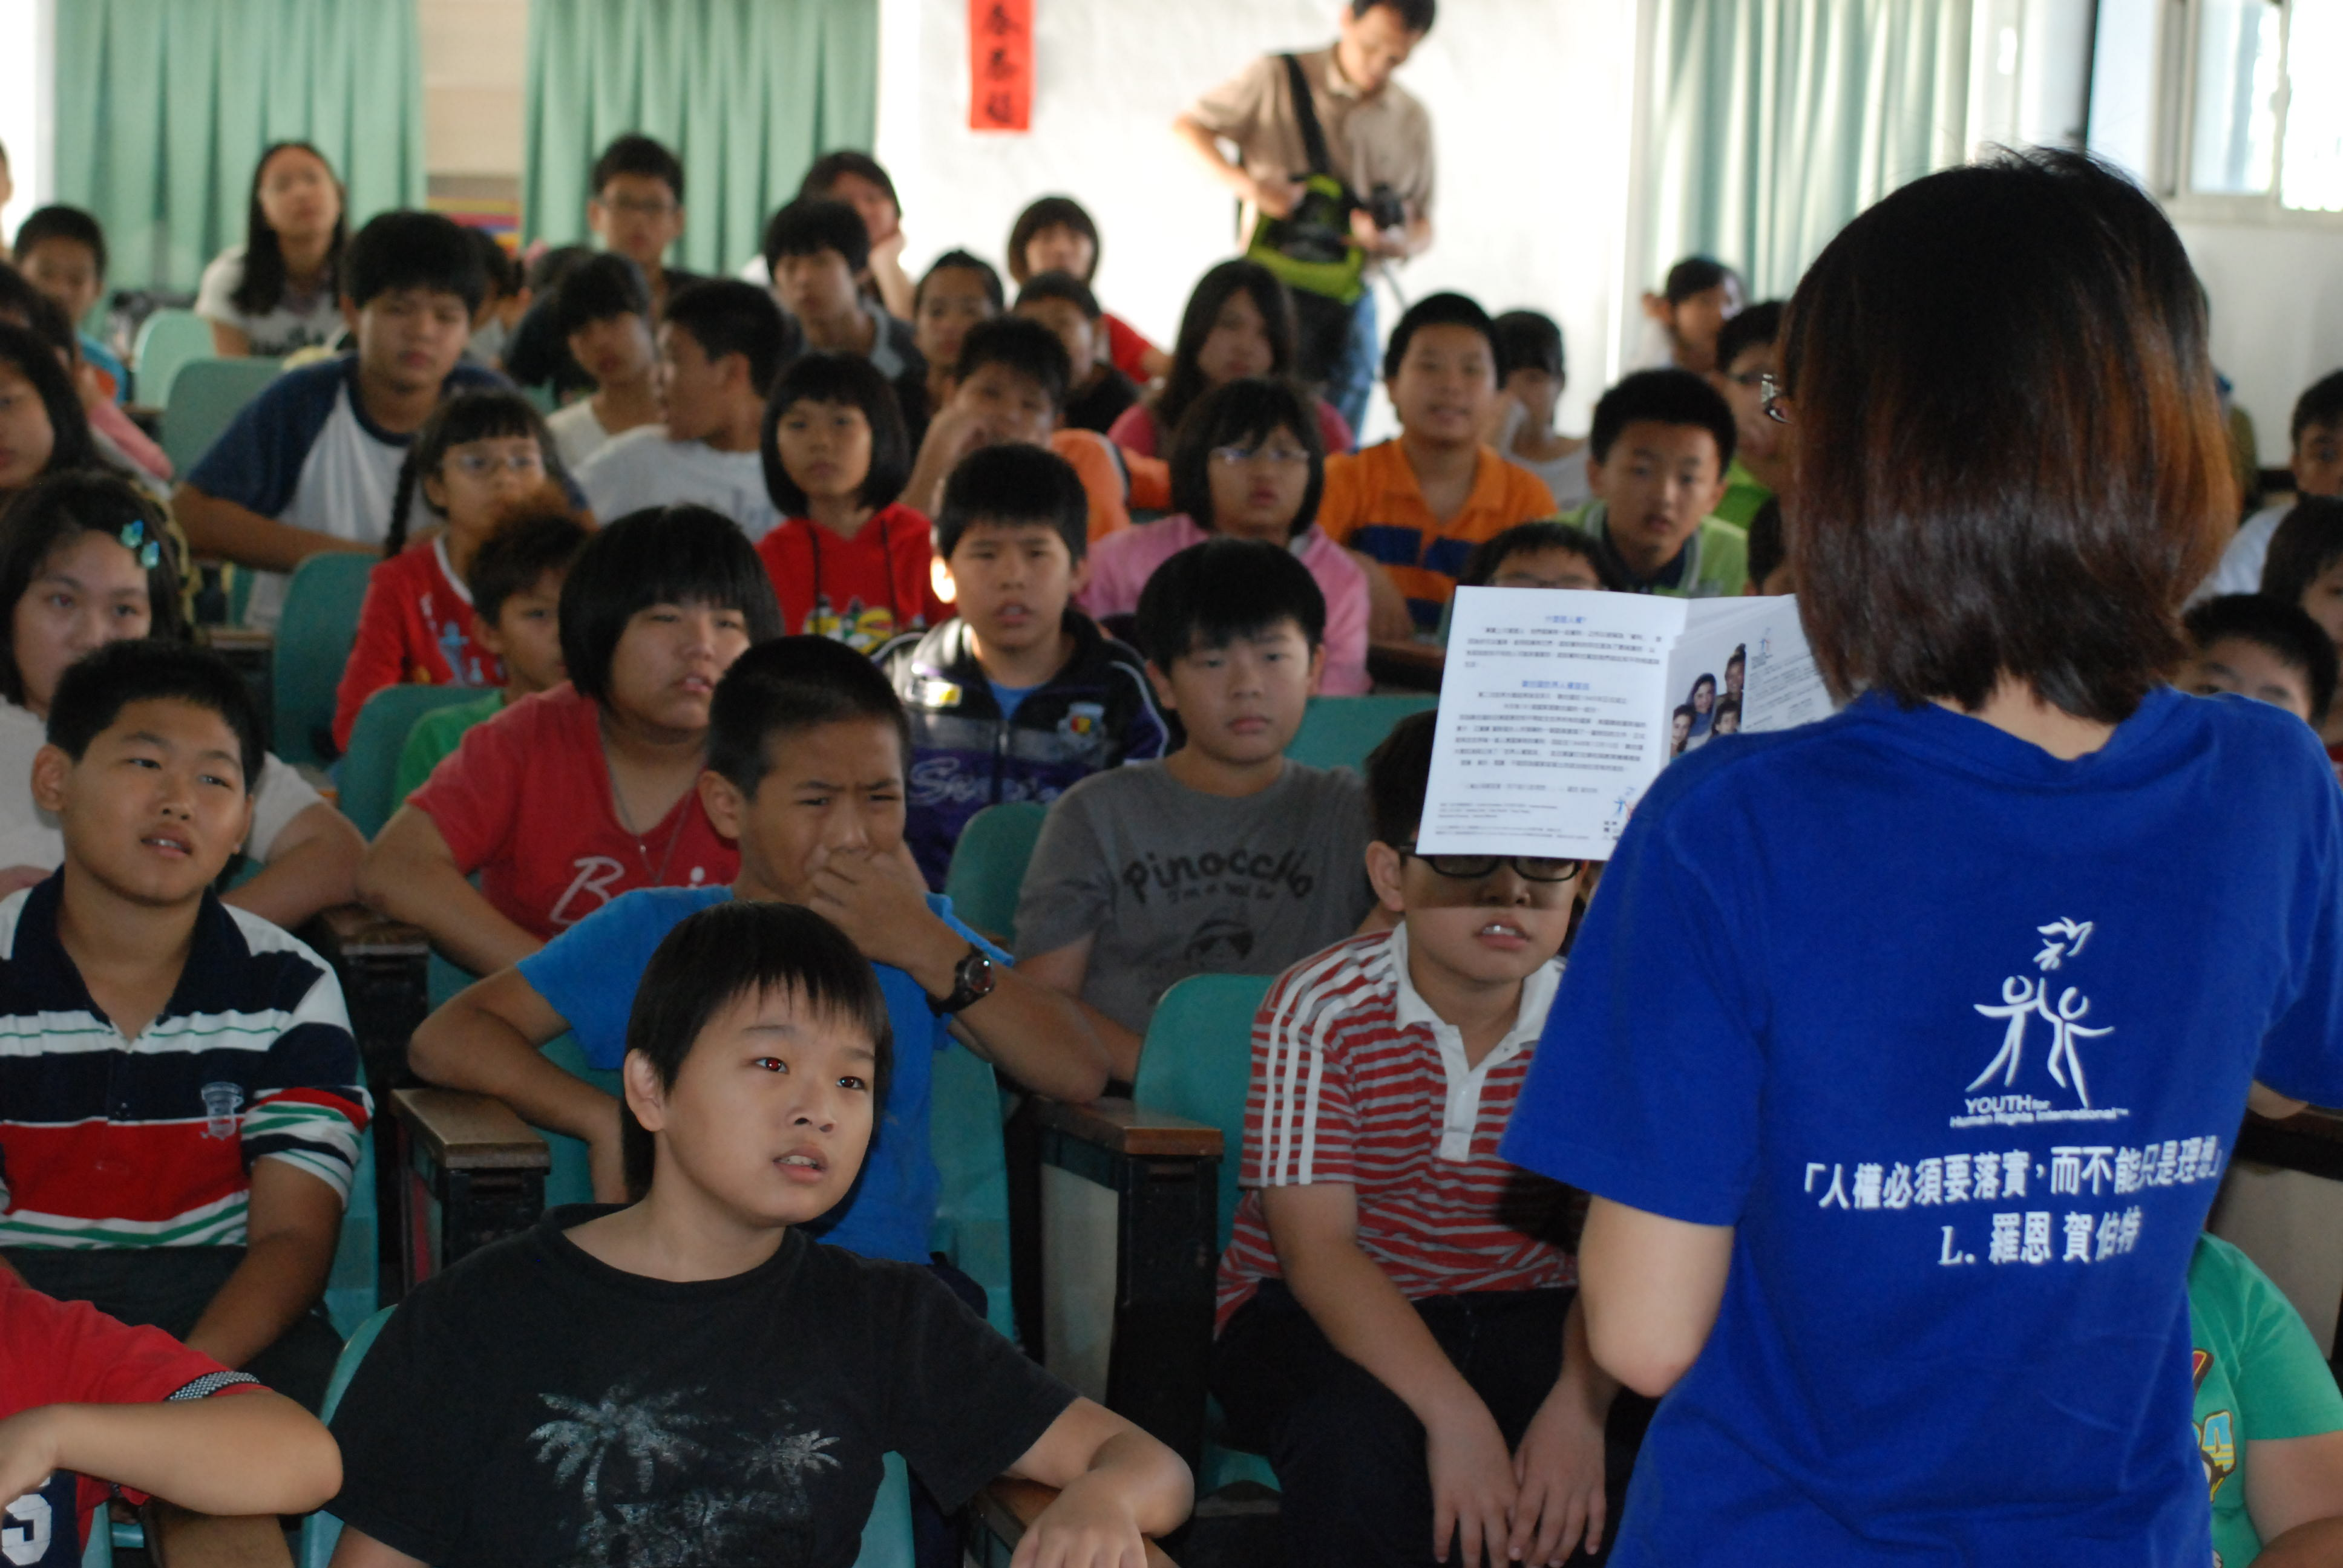 山達基教會深耕人權教育  營造友善校園